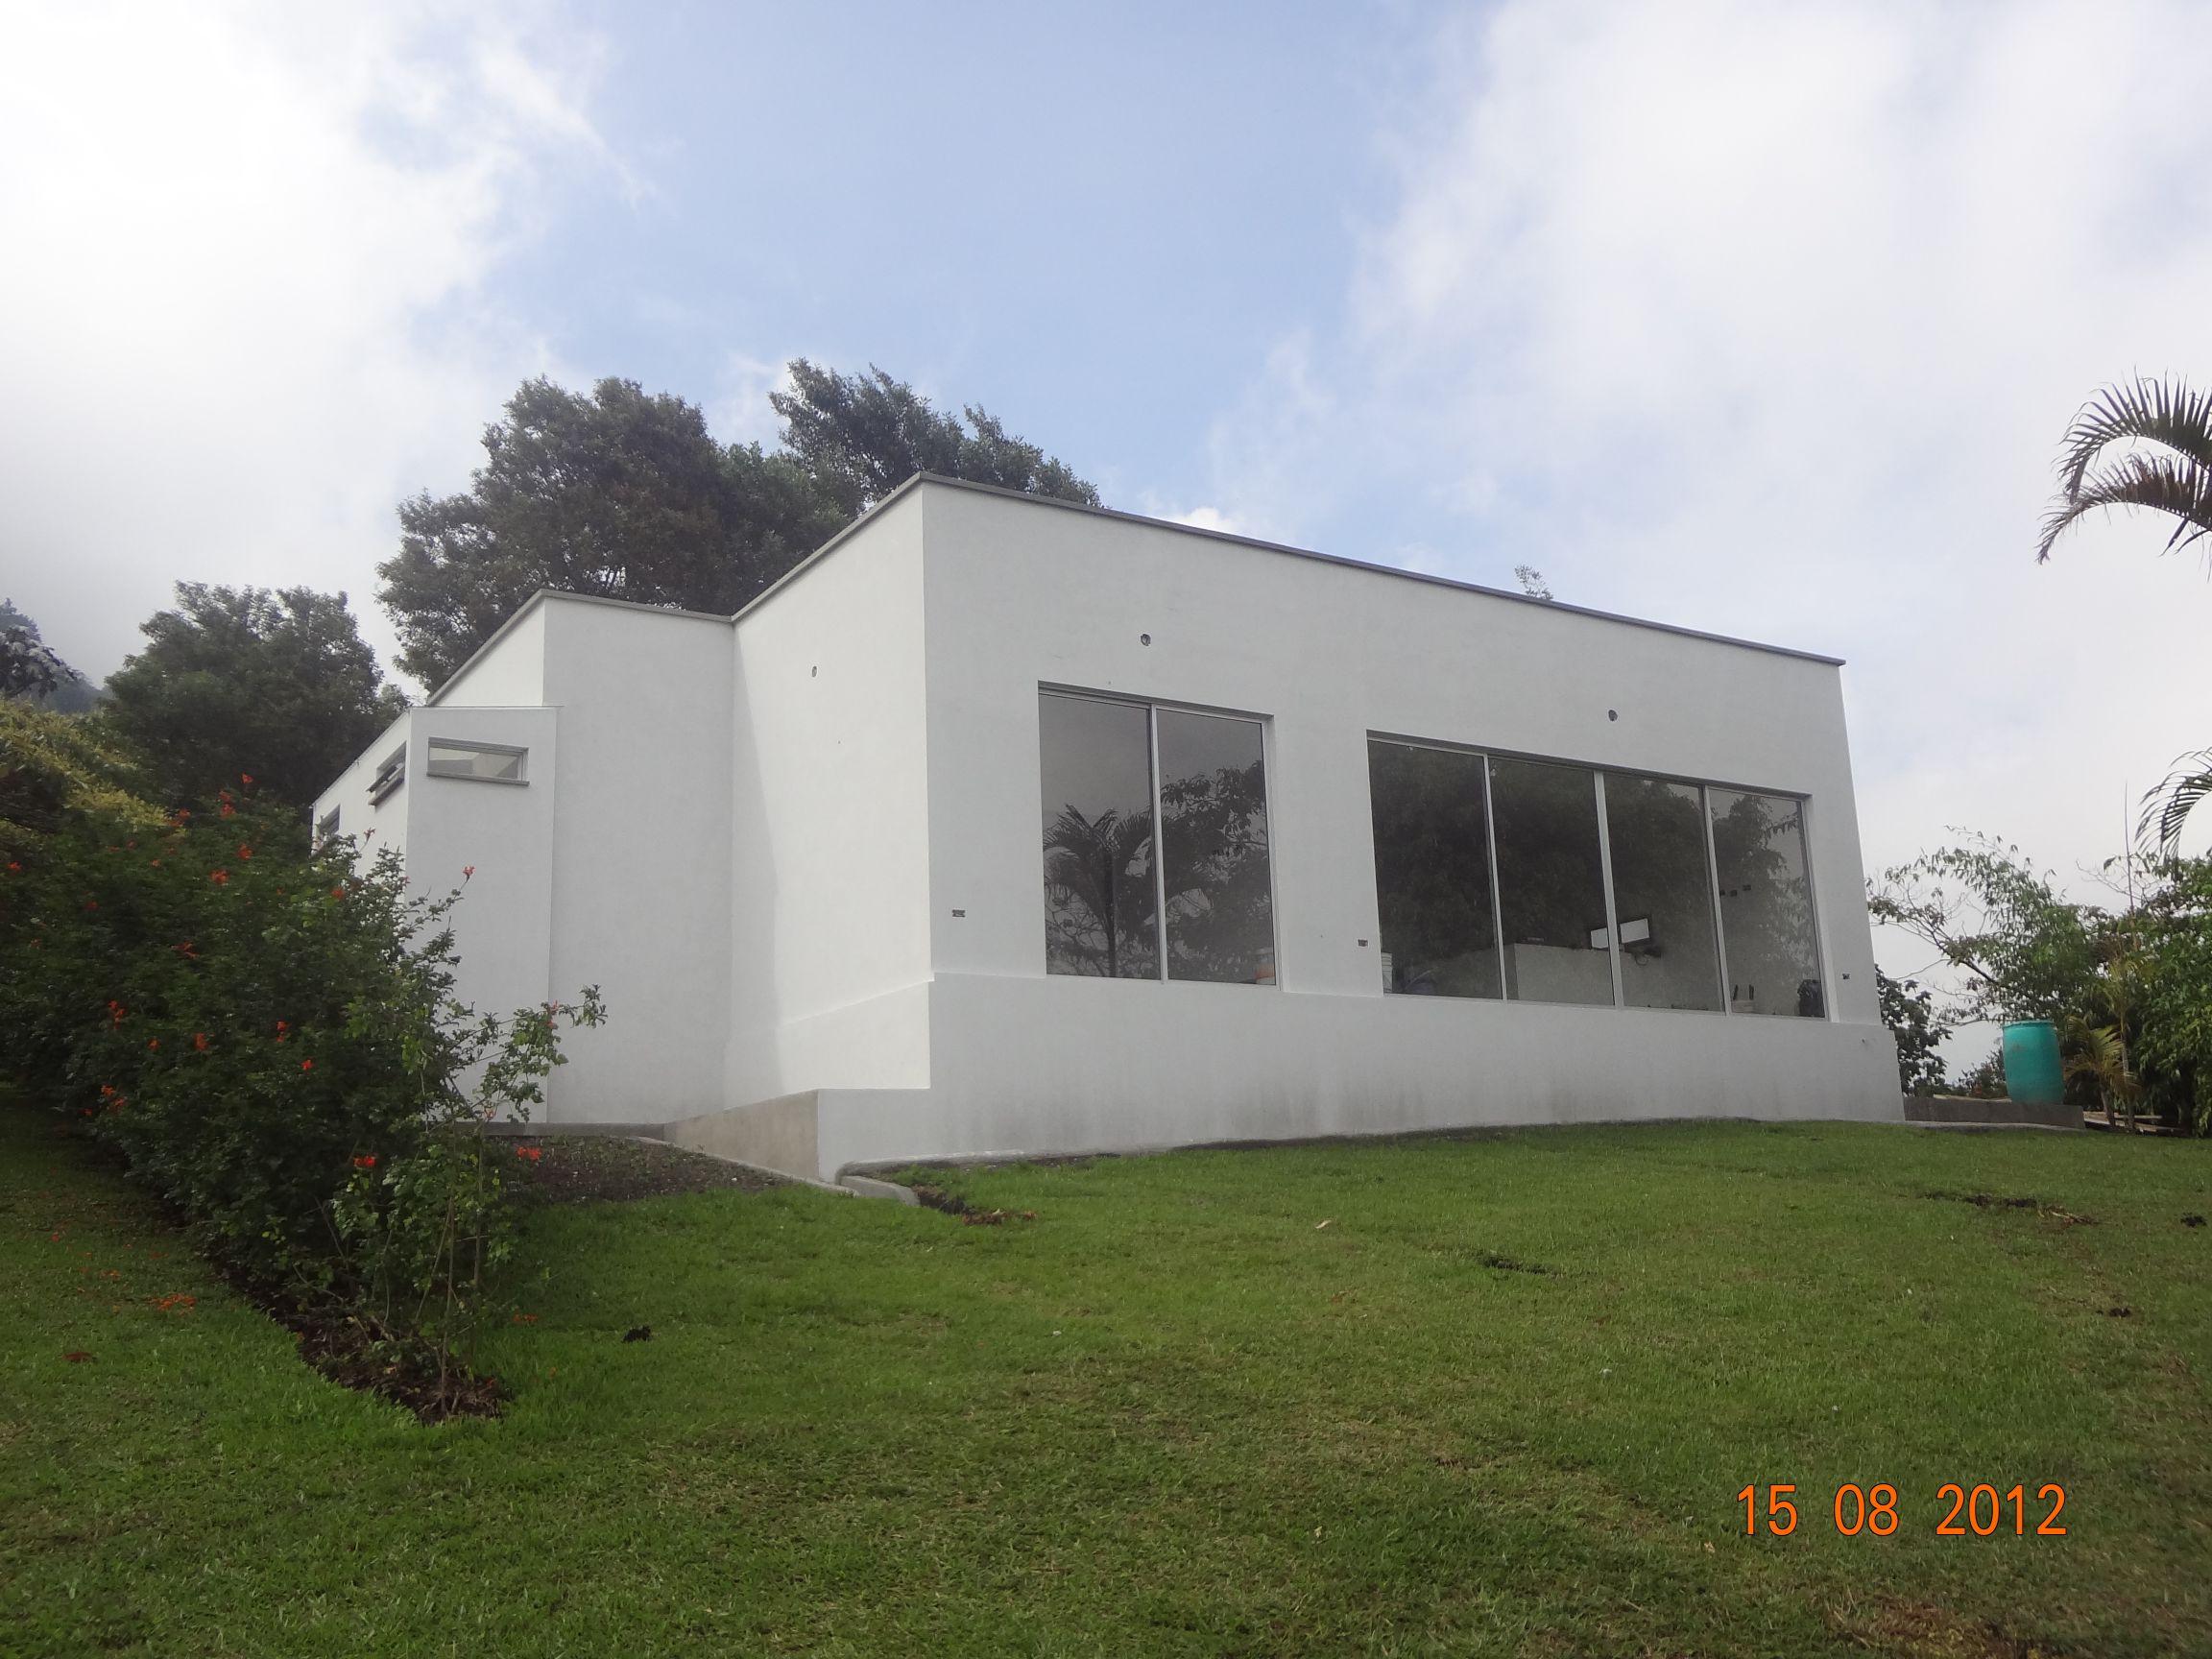 Casas prefabricadas precio imagui - Precios de casas prefabricadas ...